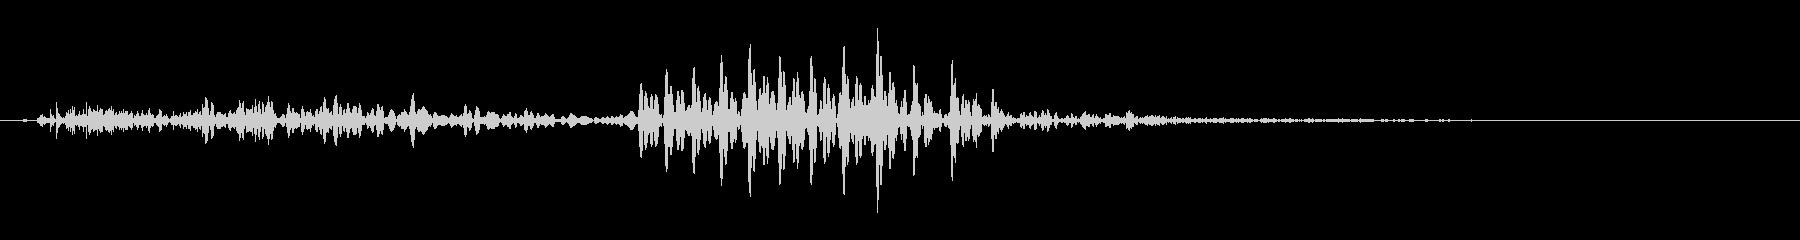 トロア、トロワ(フランス語で数字の3)の未再生の波形